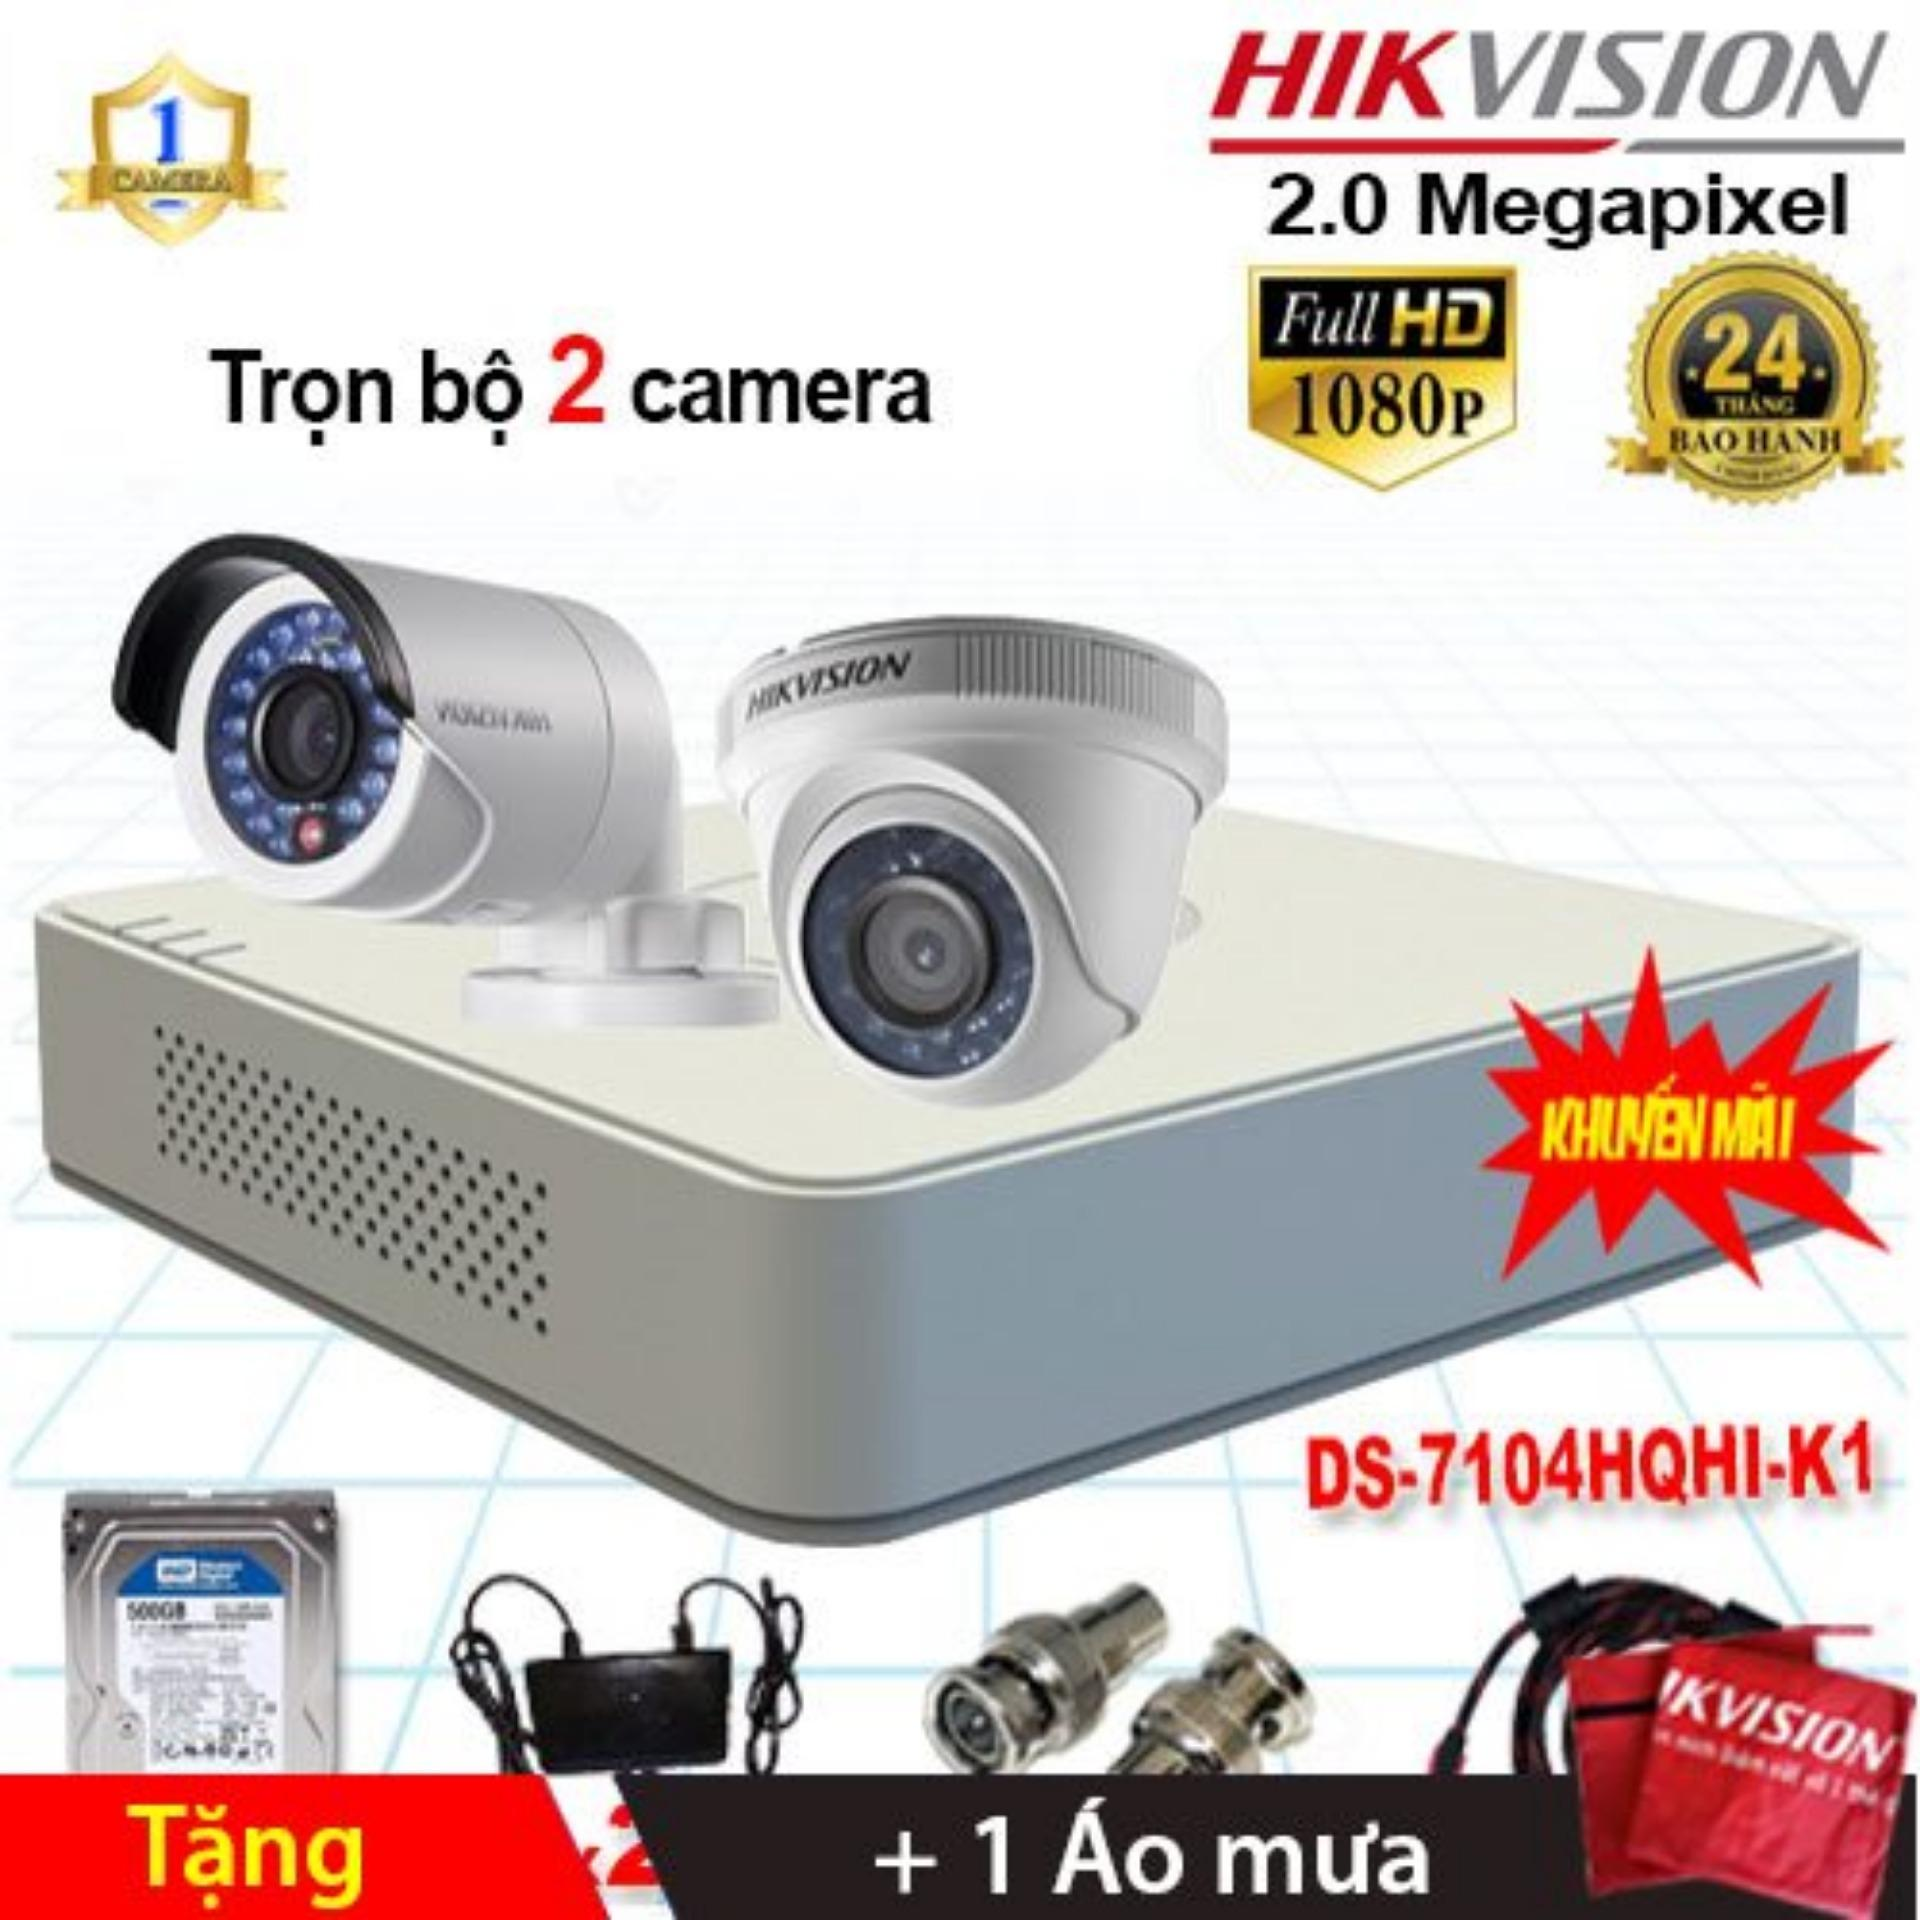 Trọn bộ 2 Camera Hikvision DS-2CE56D0T-IRP + DS-2CE16D0T-IR (2.0MP) + DS-7104HQHI-K1